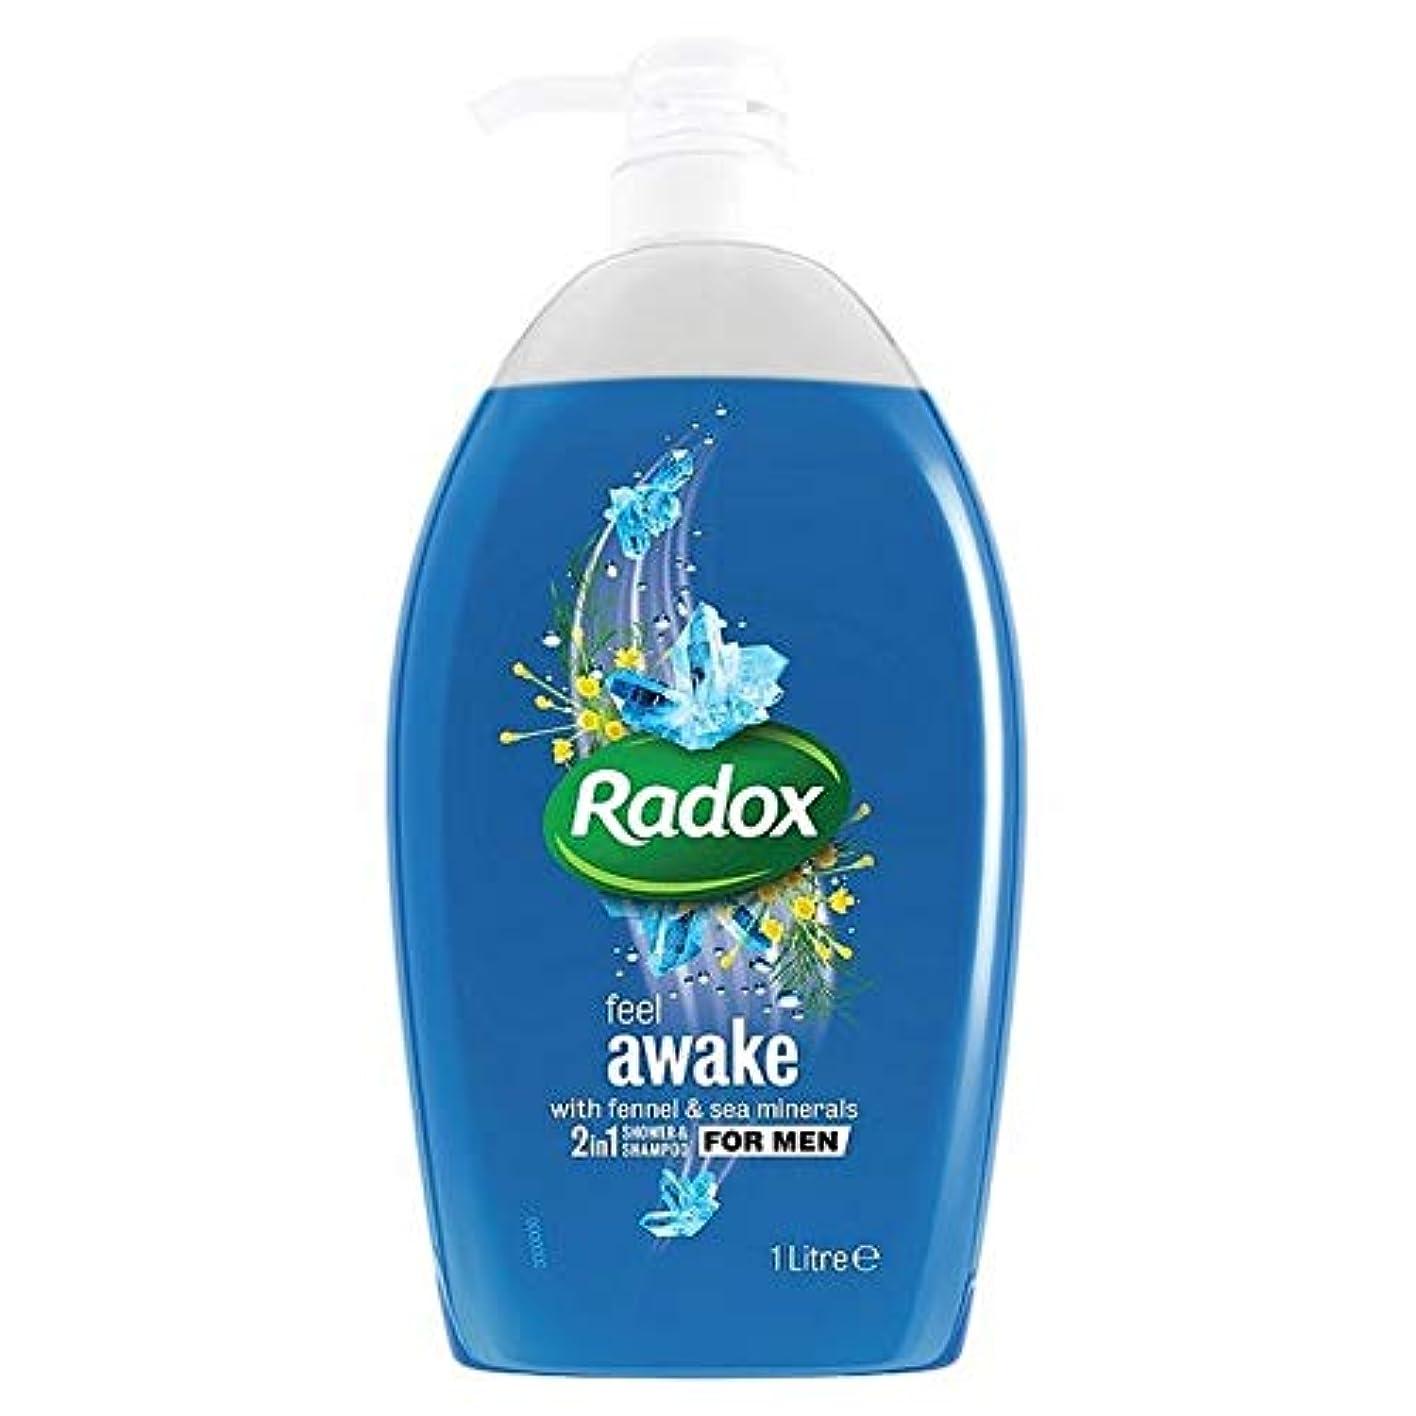 盲信クラブトイレ[Radox] Radoxは男性の2In1シャワーゲル1リットル用起き感じます - Radox Feel Awake for Men 2in1 Shower Gel 1L [並行輸入品]